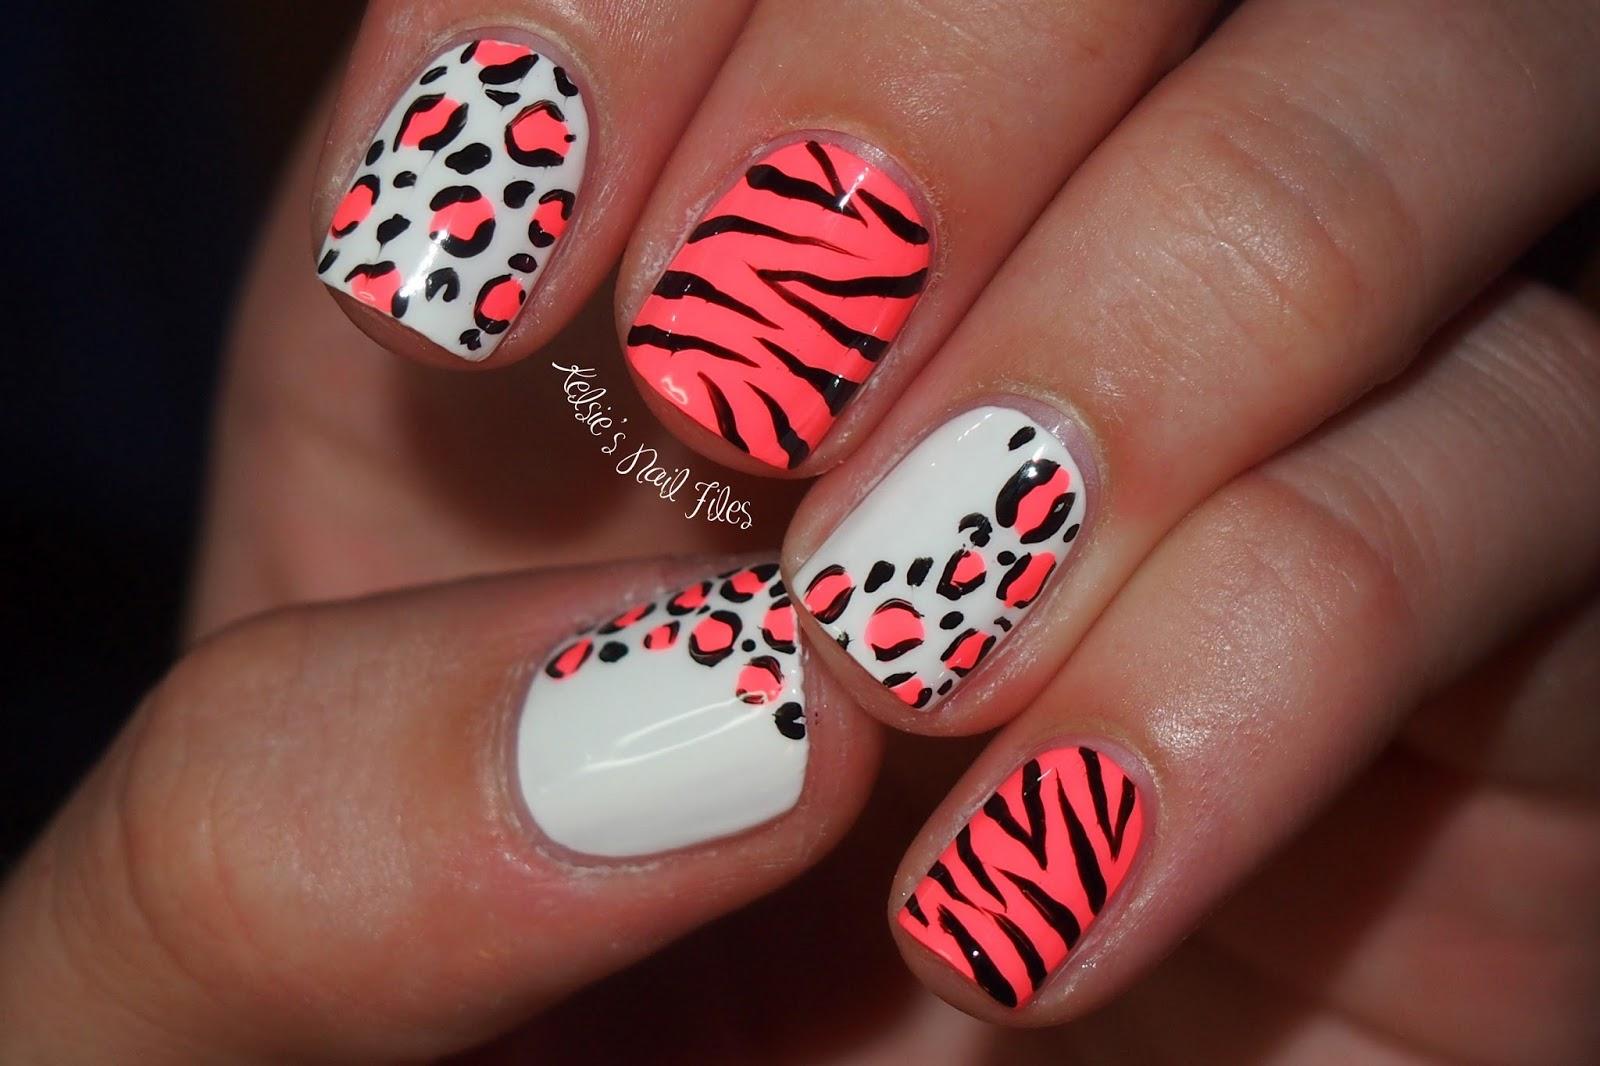 Pink zebra nails nails pinterest - Feranti Amorous Animals Wild Safari 4 Pc Set Leopard Zebra Glam Vibe Vibrator